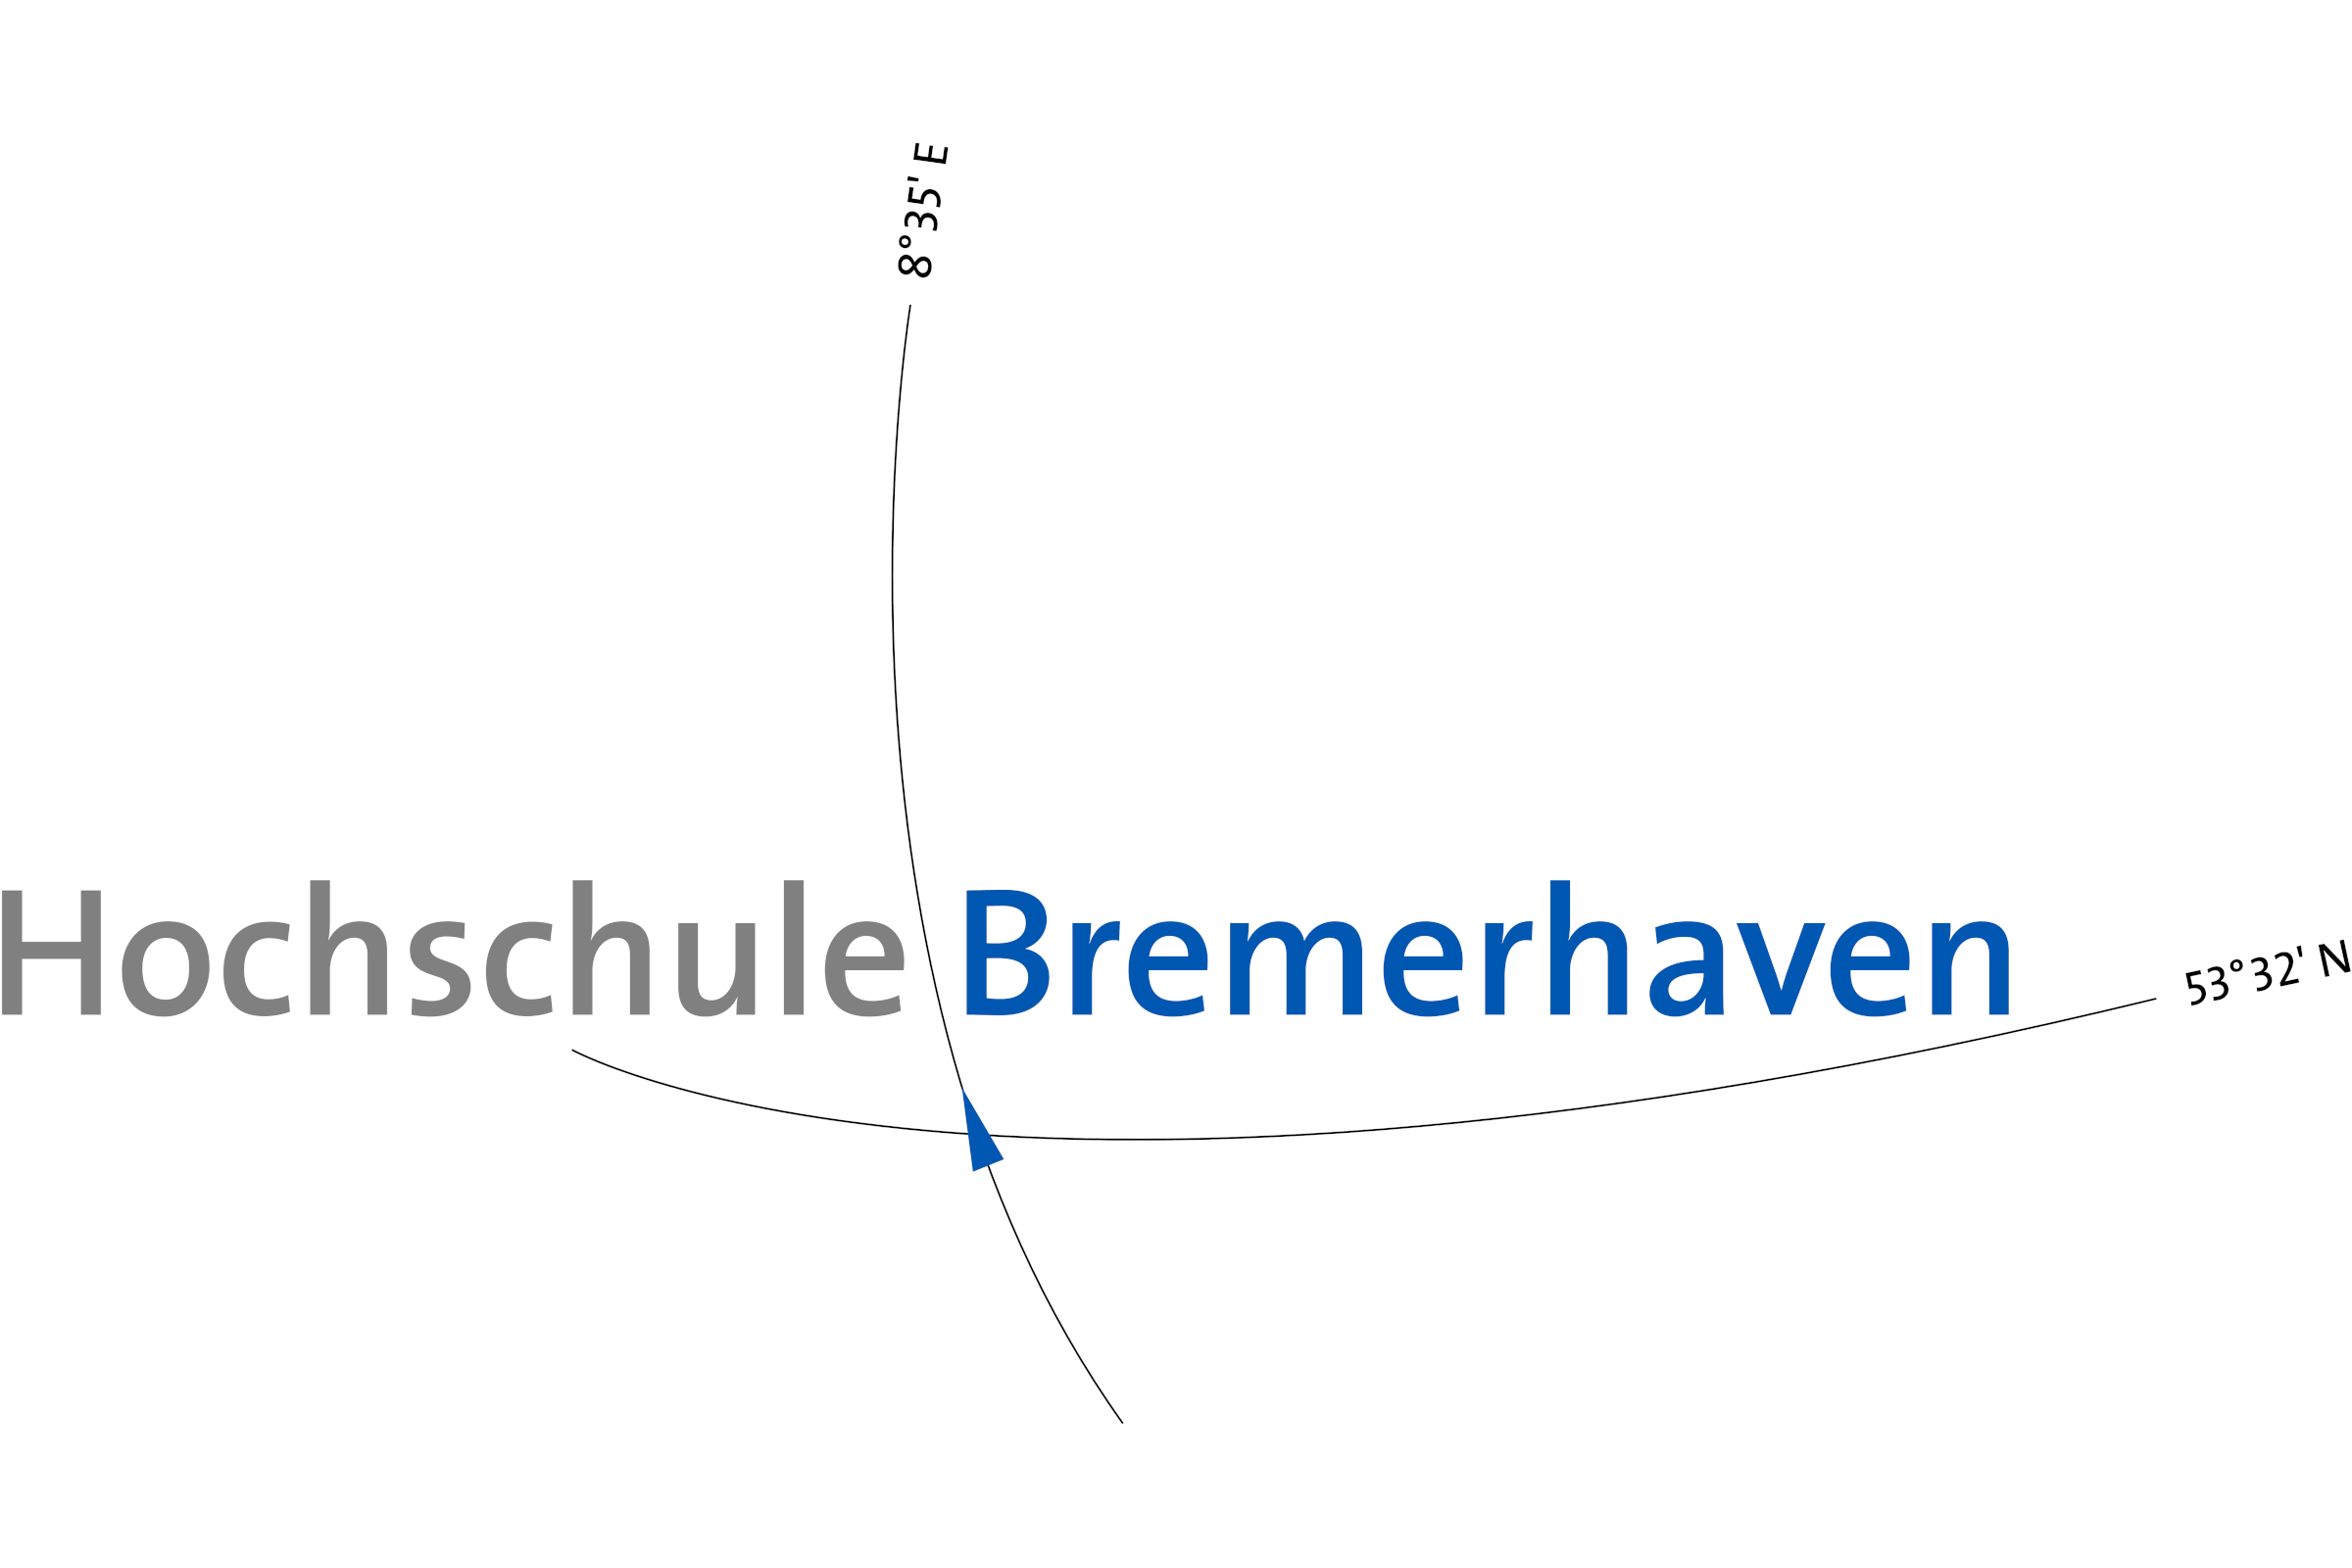 Dieses Bild zeigt das Logo der Hochschule Bremerhaven.